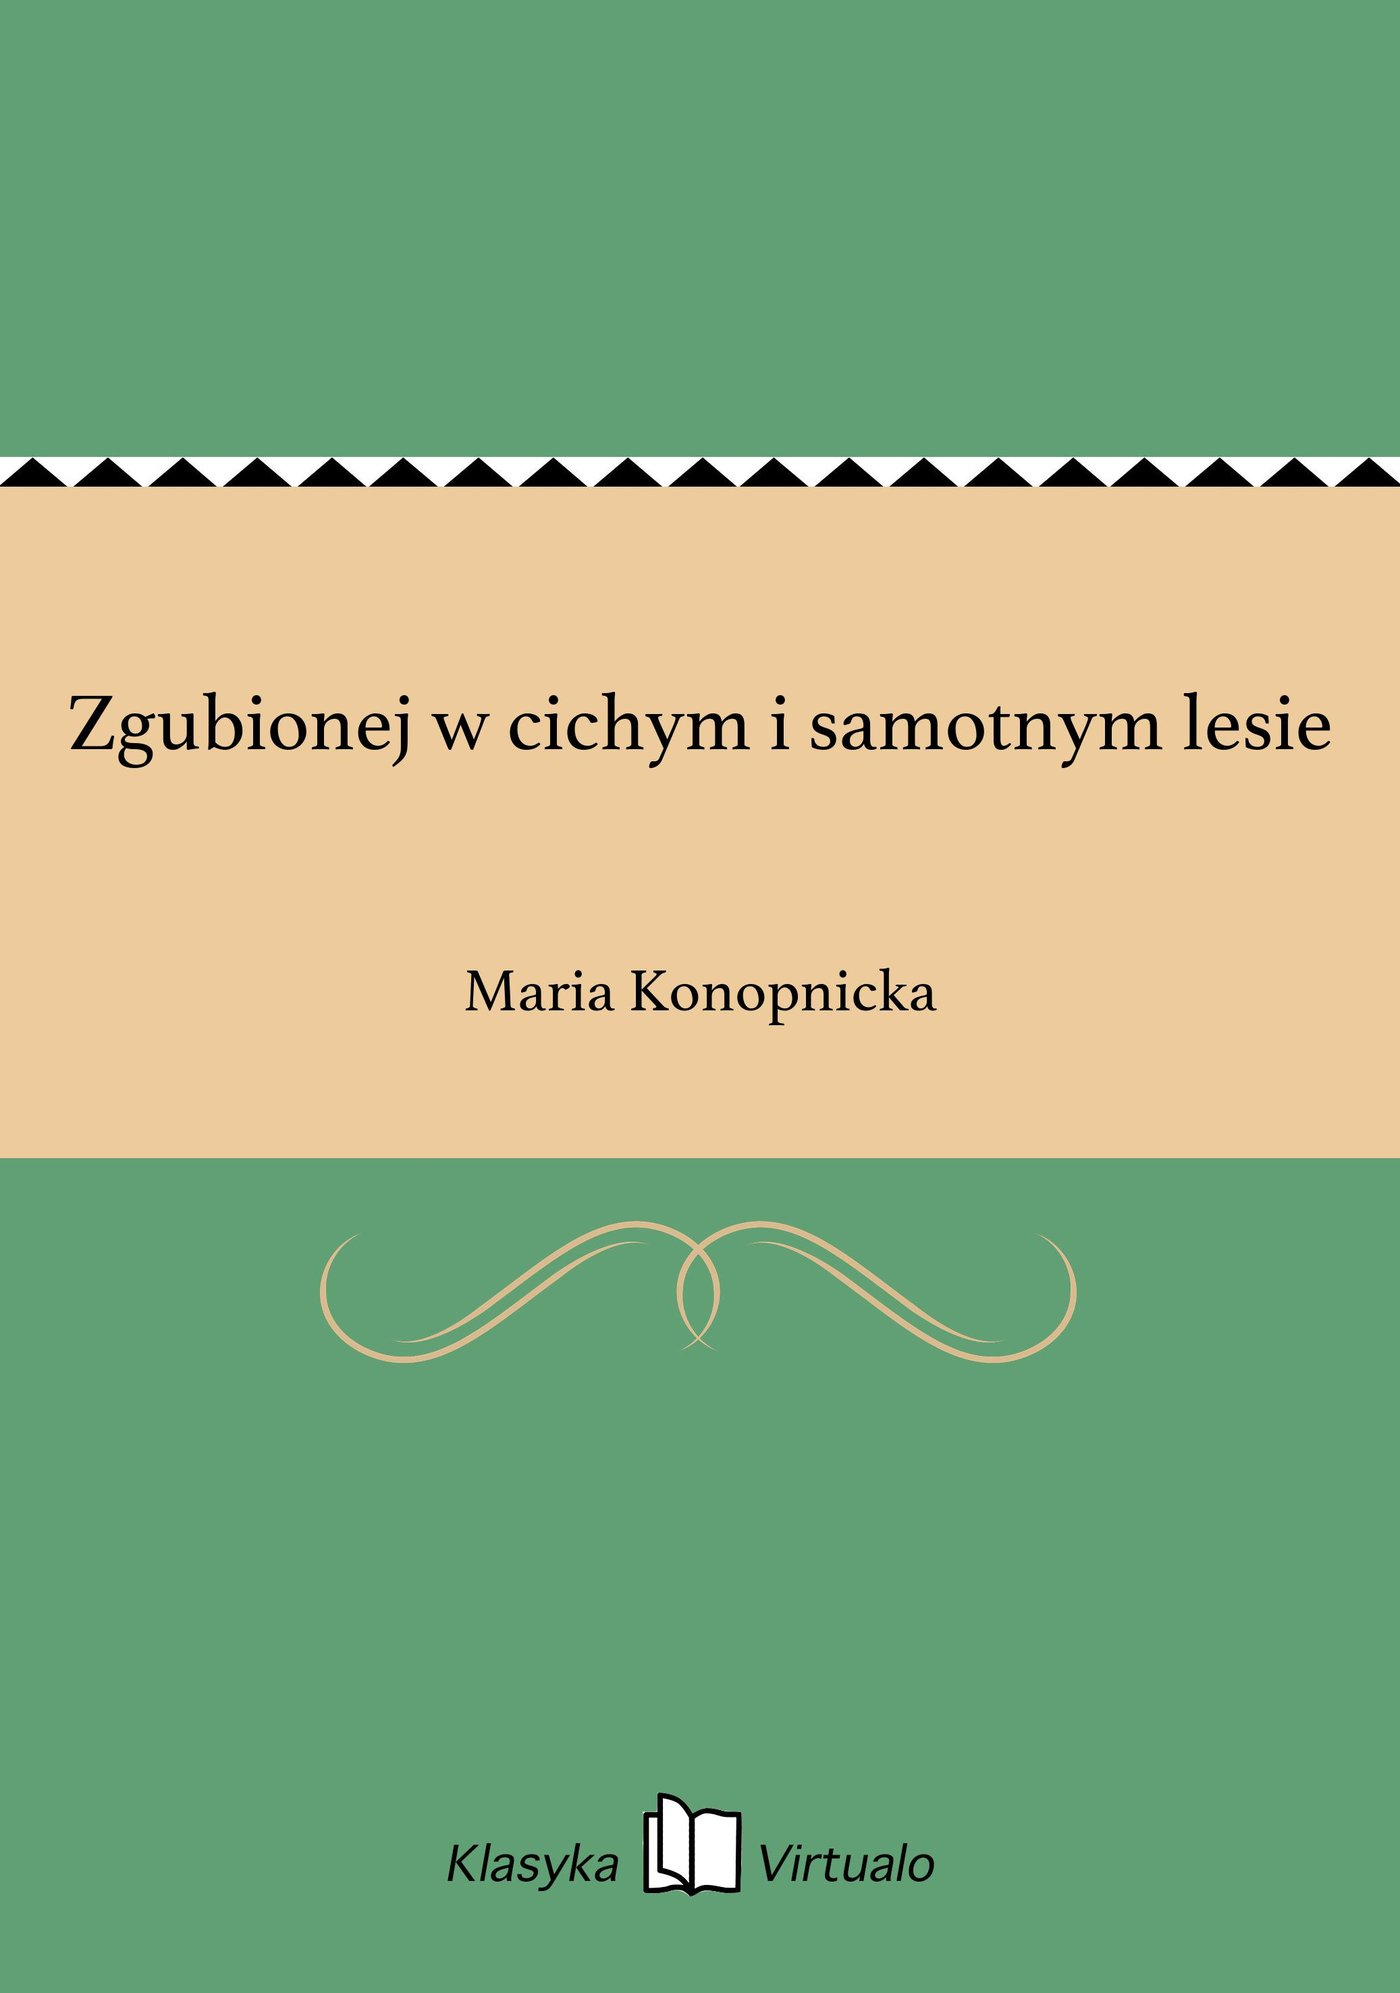 Zgubionej w cichym i samotnym lesie - Ebook (Książka na Kindle) do pobrania w formacie MOBI